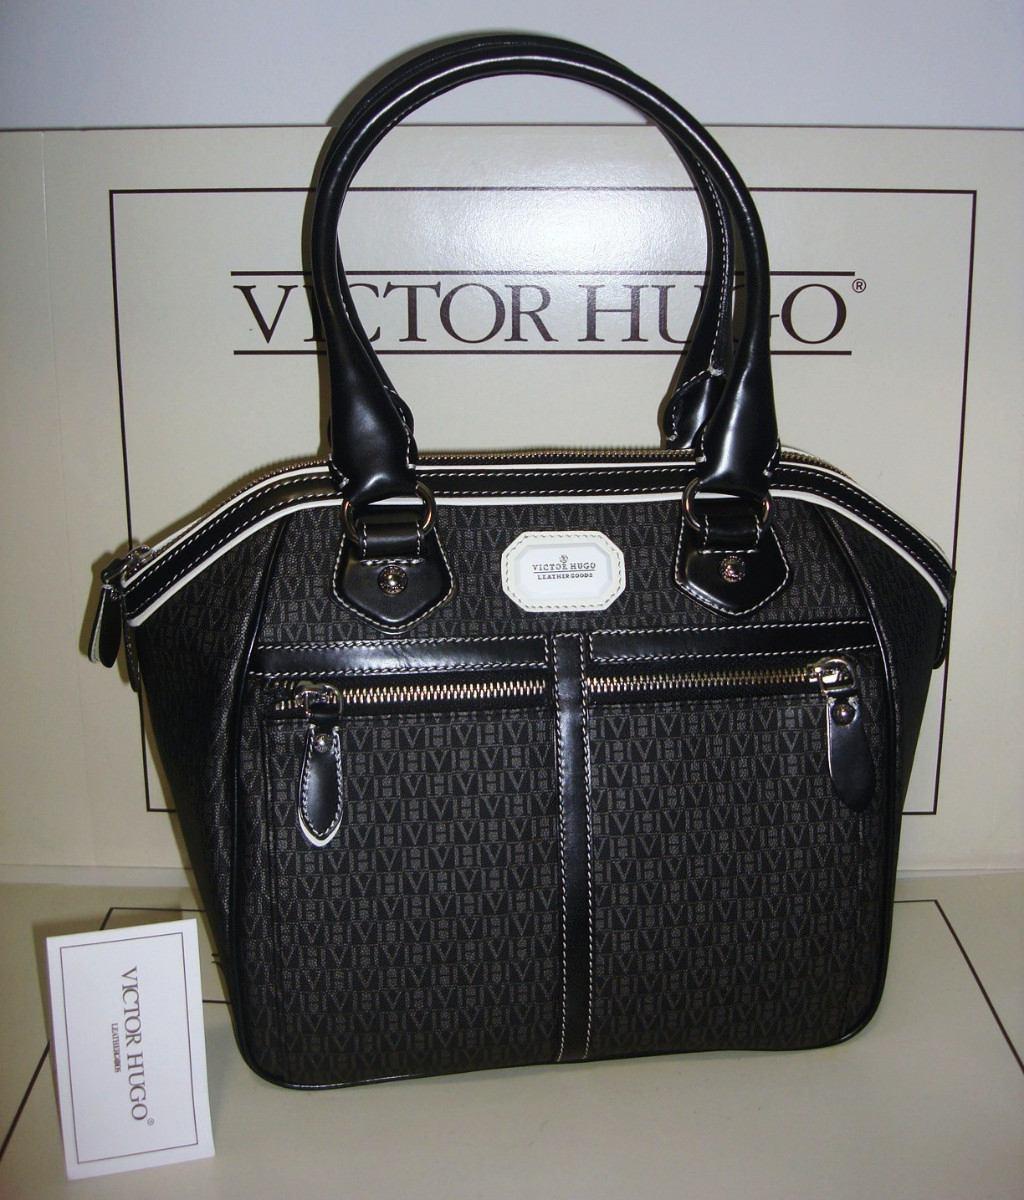 72254098bb3f4 Nova Coleção de Bolsas Victor Hugo que Estão em Alta   Max Dicas